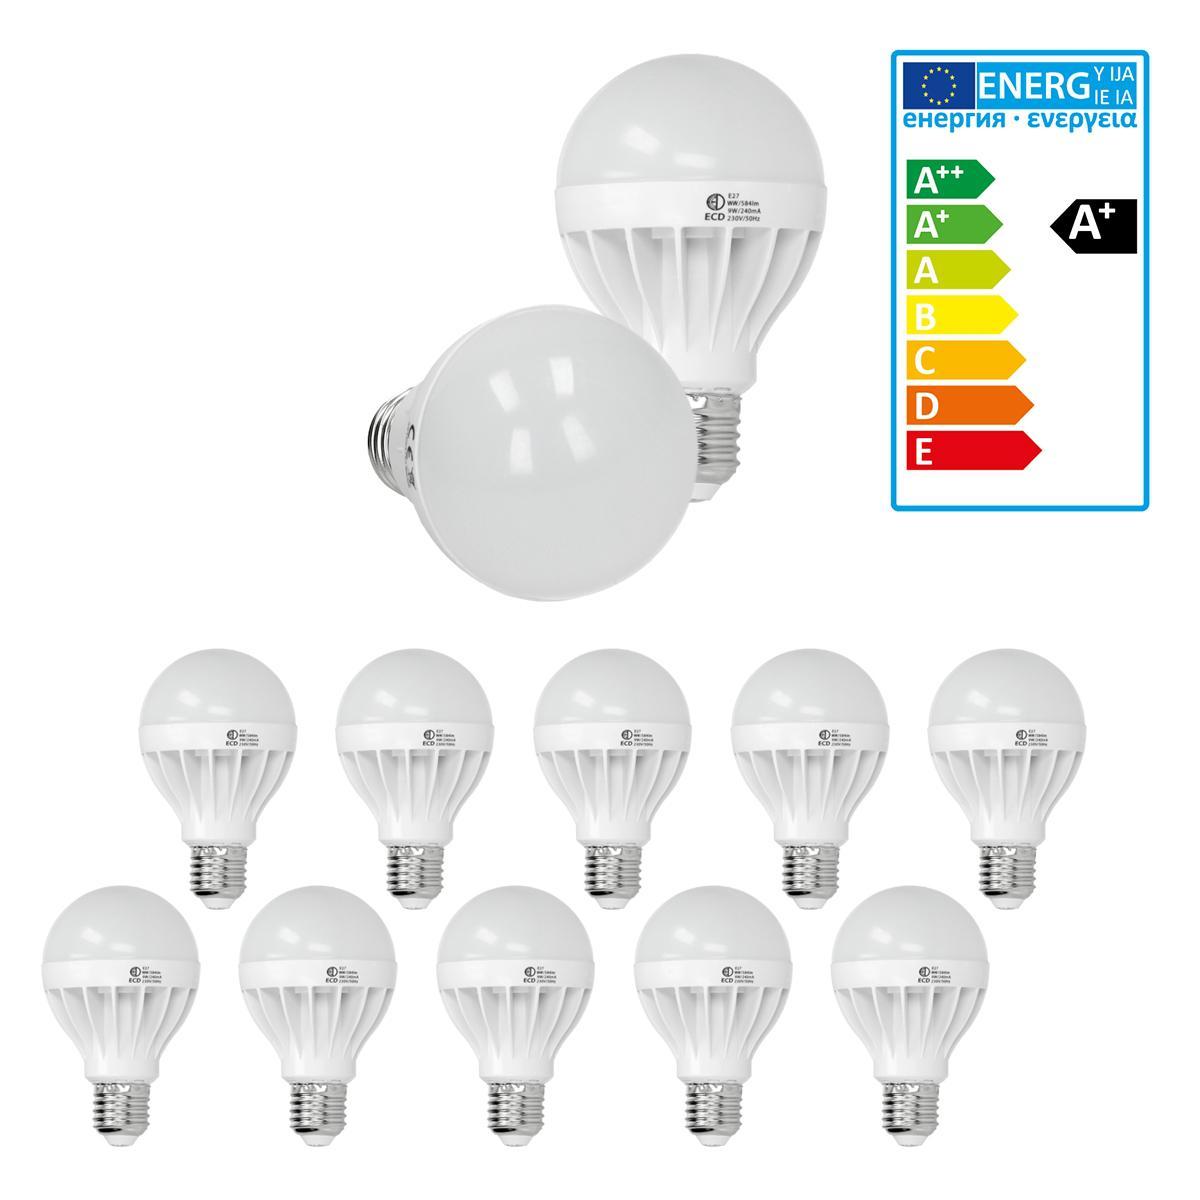 Ecd Germany ECD Germany 10x Ampoule LED E27 9W 240V 900 lumens Remplace les lampes halogènes de 60W blanc chaud Lampe economie d'en